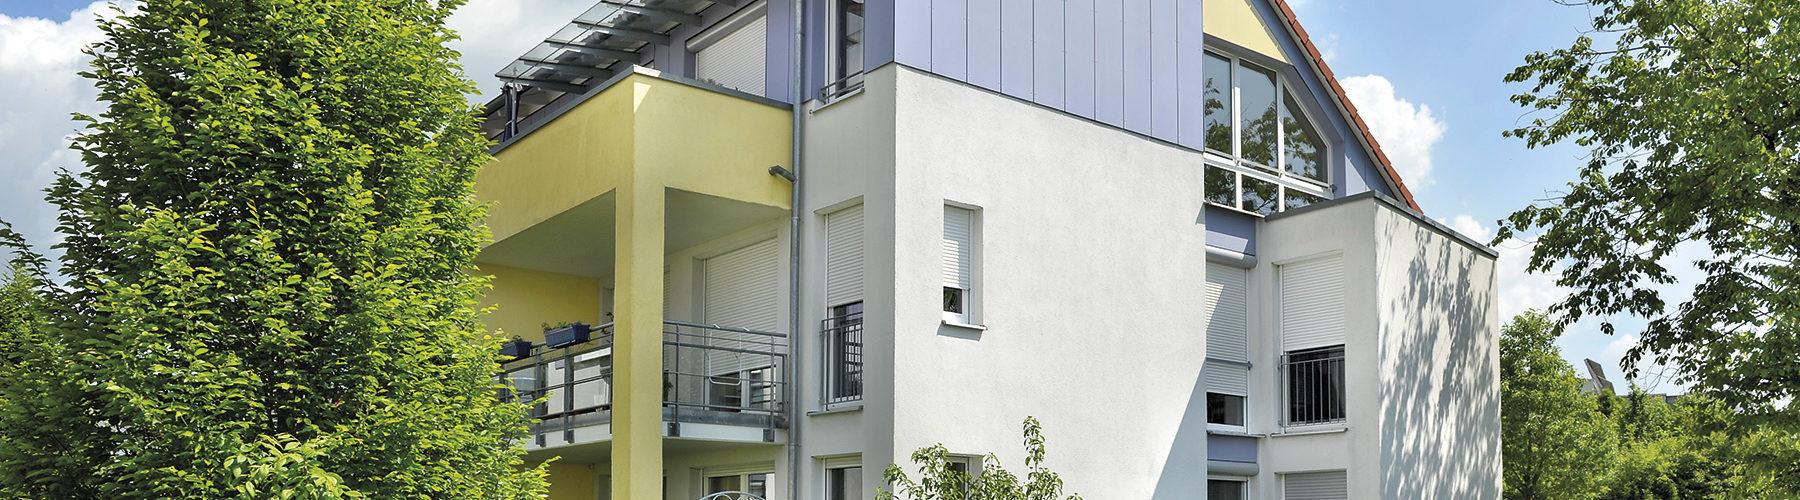 Wohnungen zur Miete des Wohnungsunternehmens Schwäbisch Gmünd